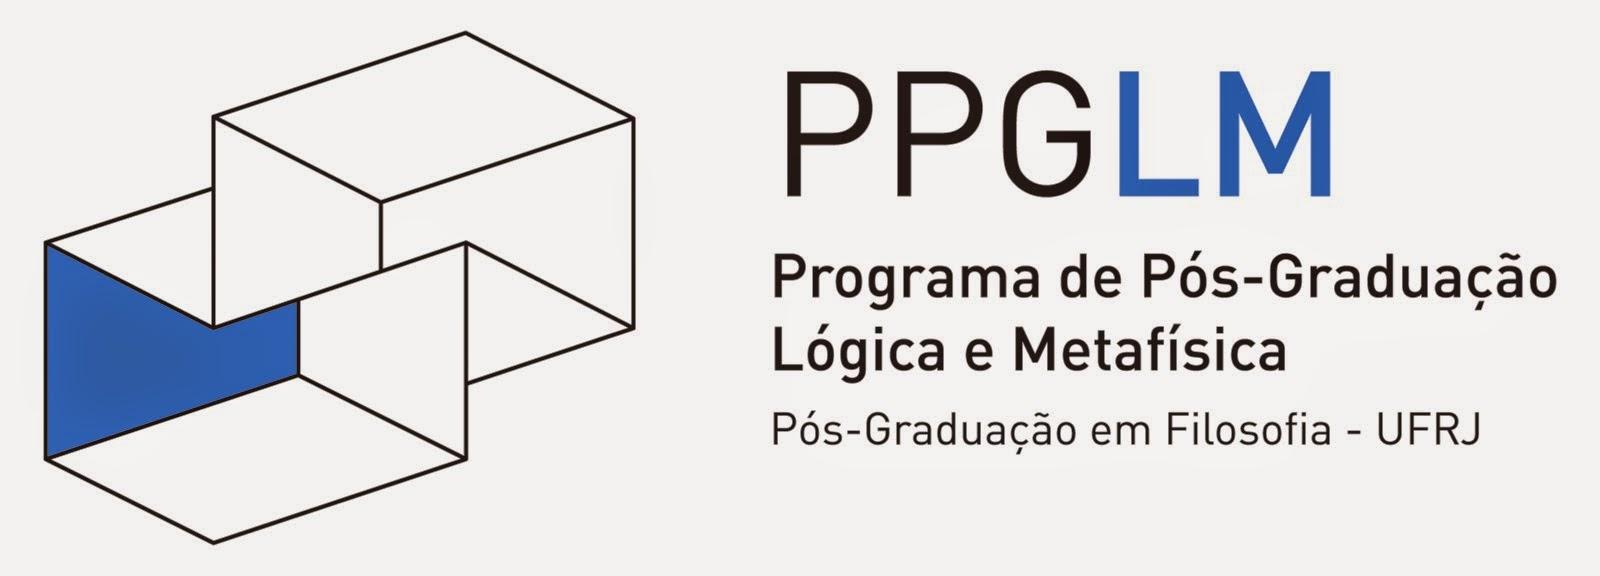 Apoio/Parceria PPGLM-UFRJ